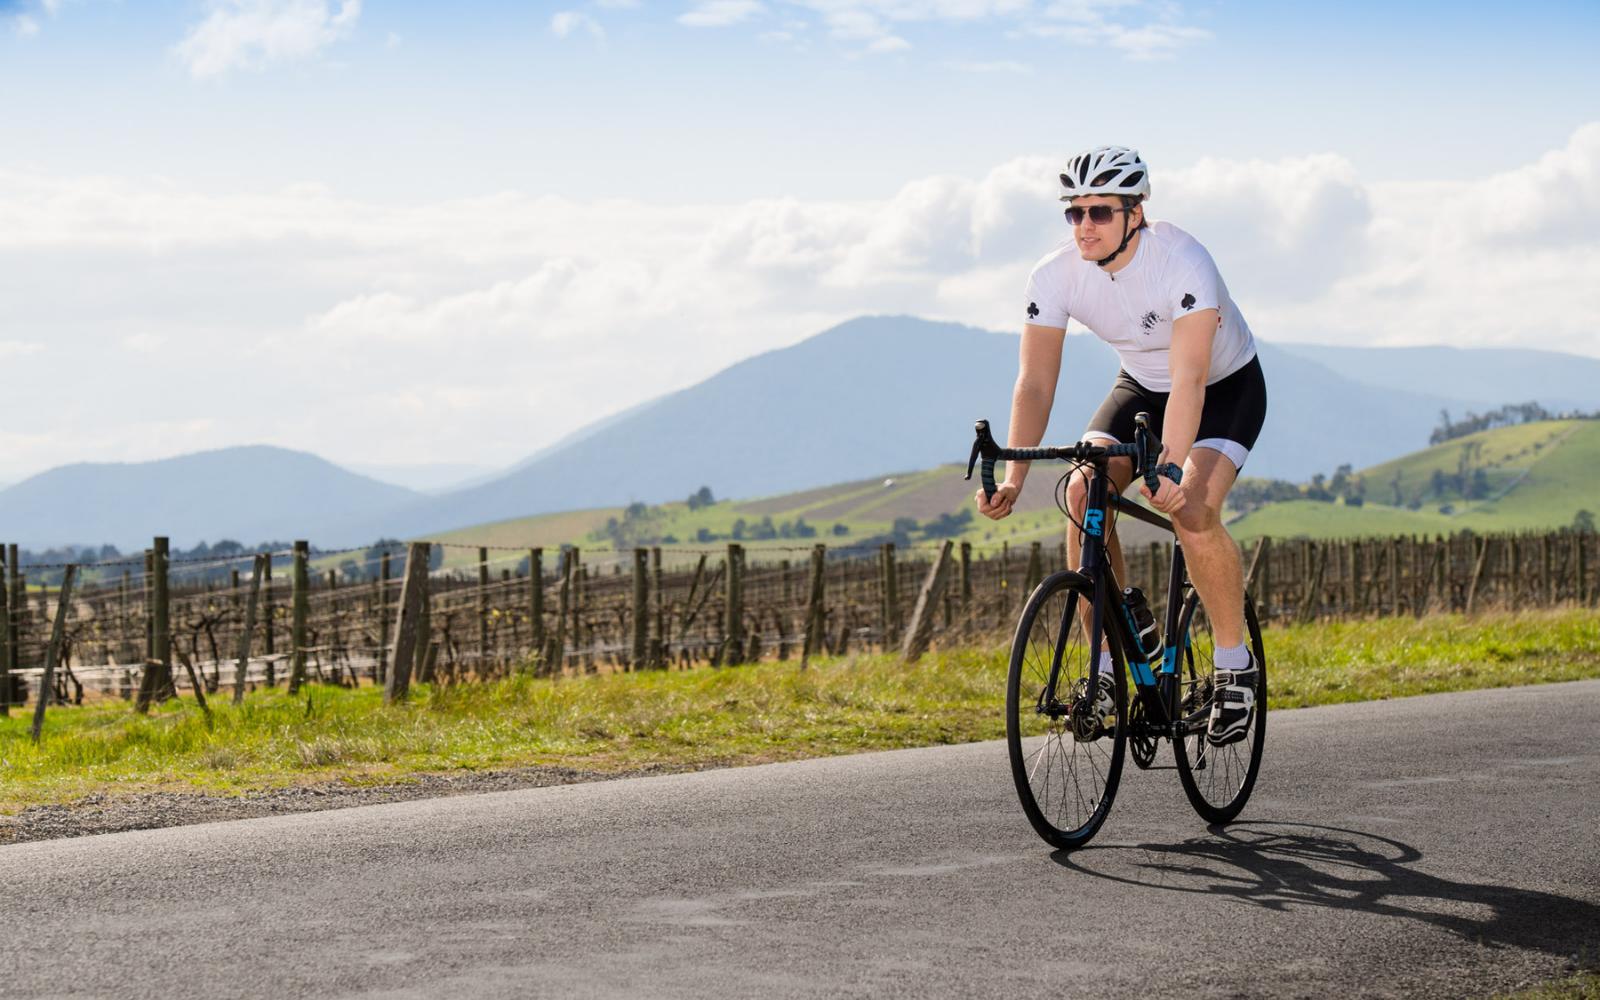 72 1 - Reid ® - Vantage Endurance 2.0 Bike